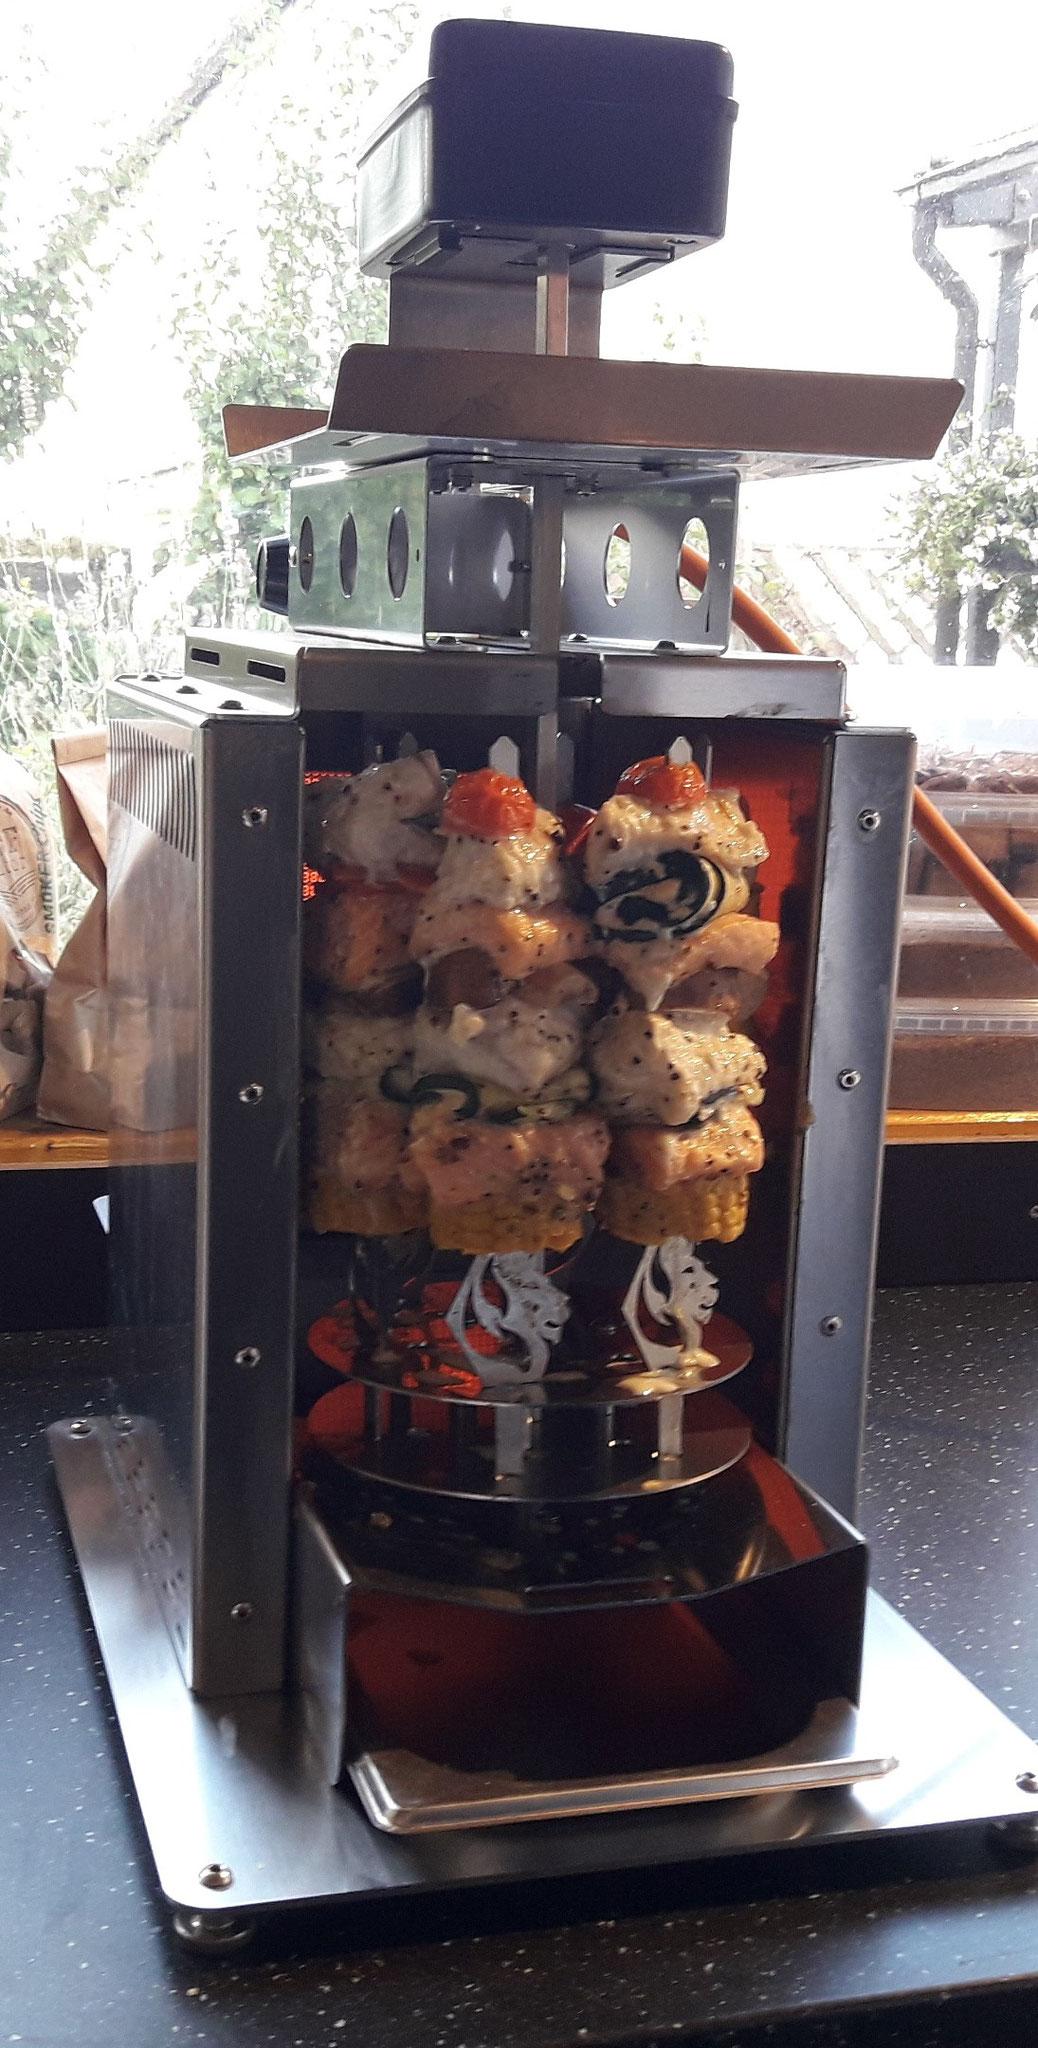 Oberhitzegrill BBQ Burner Deluxe mit dem Zubehör Schaschlik-Set